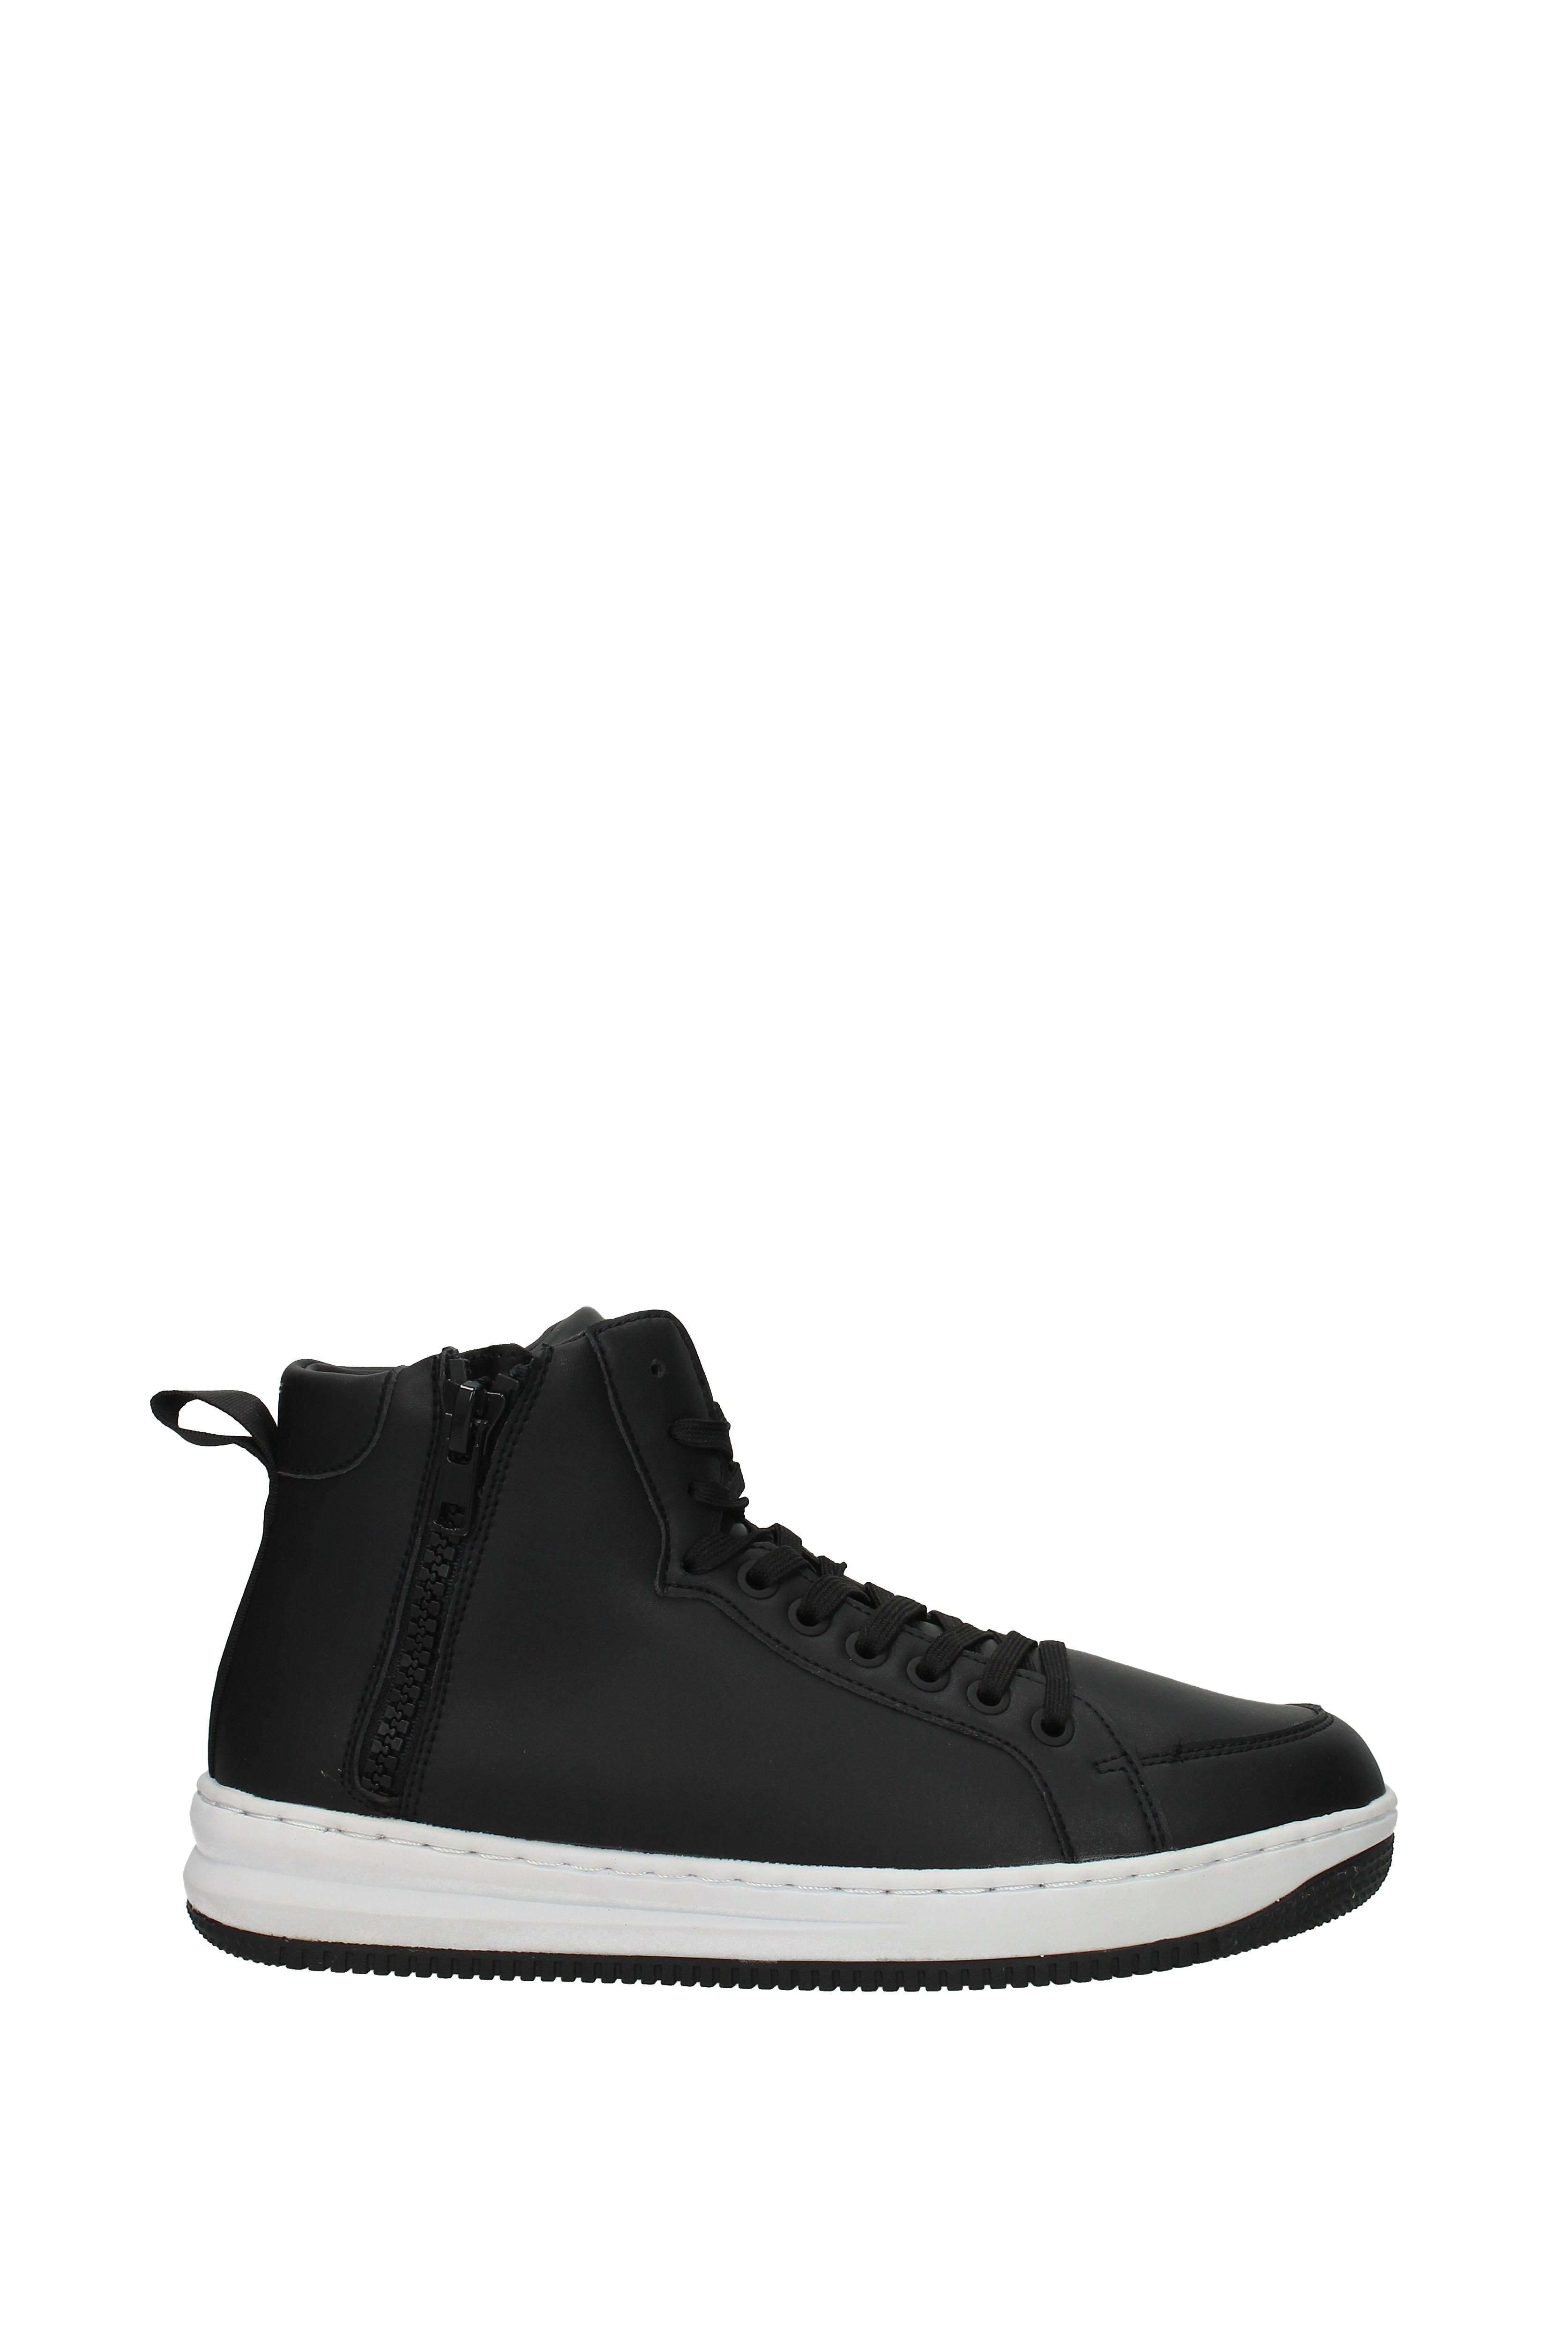 Sneakers Armani - Emporio trasformers ea7 Herren - Armani Stoff (2480147A258) af6745